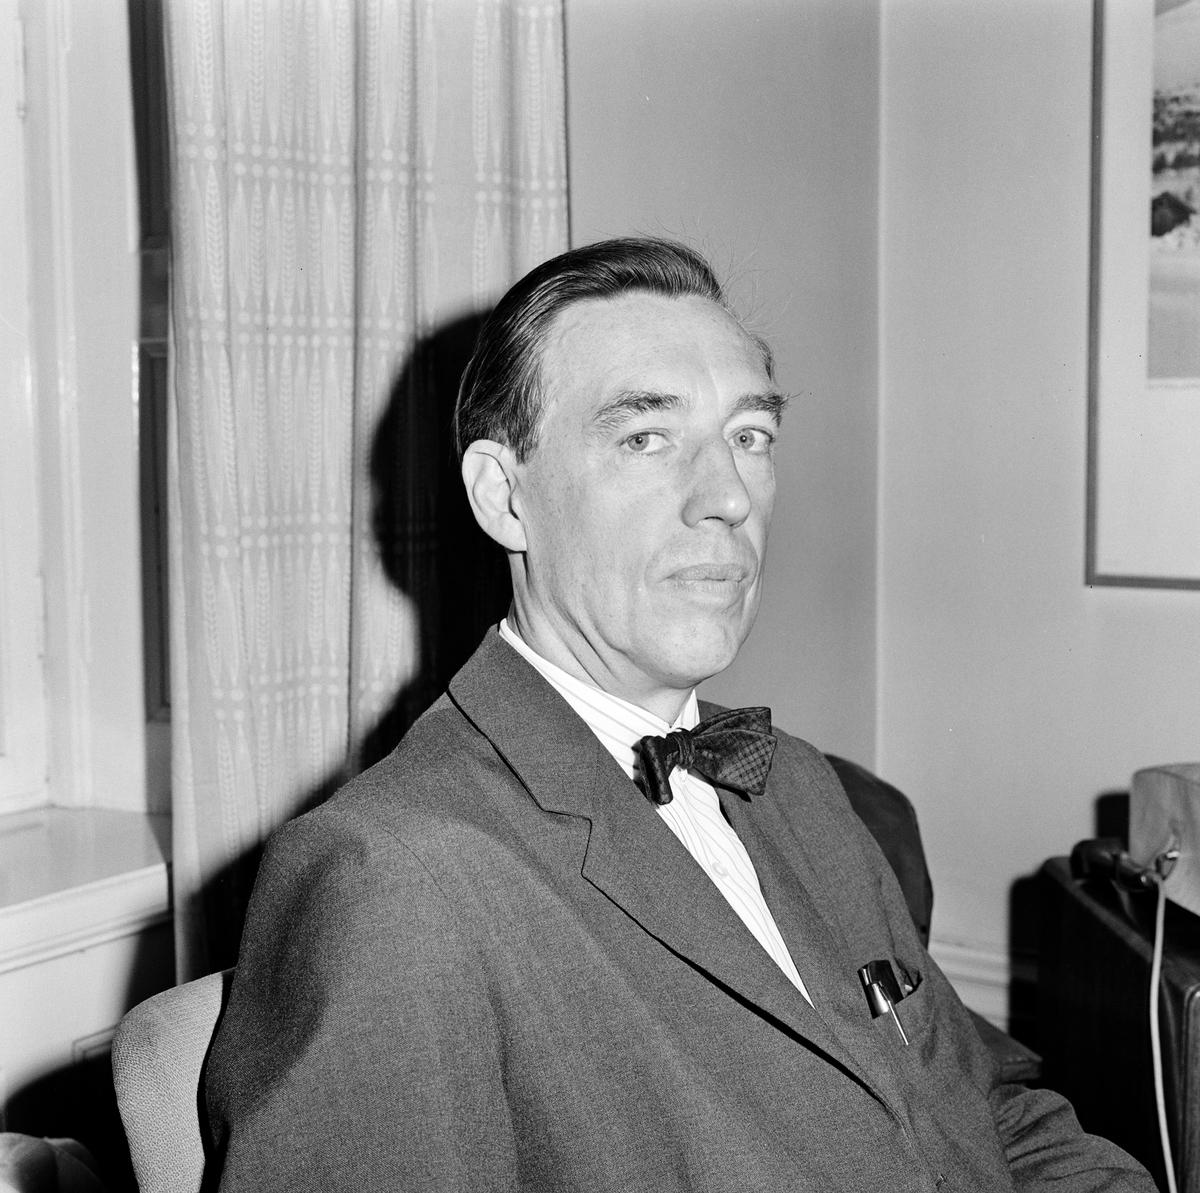 Byrådirektör, Brd, G. Holvid